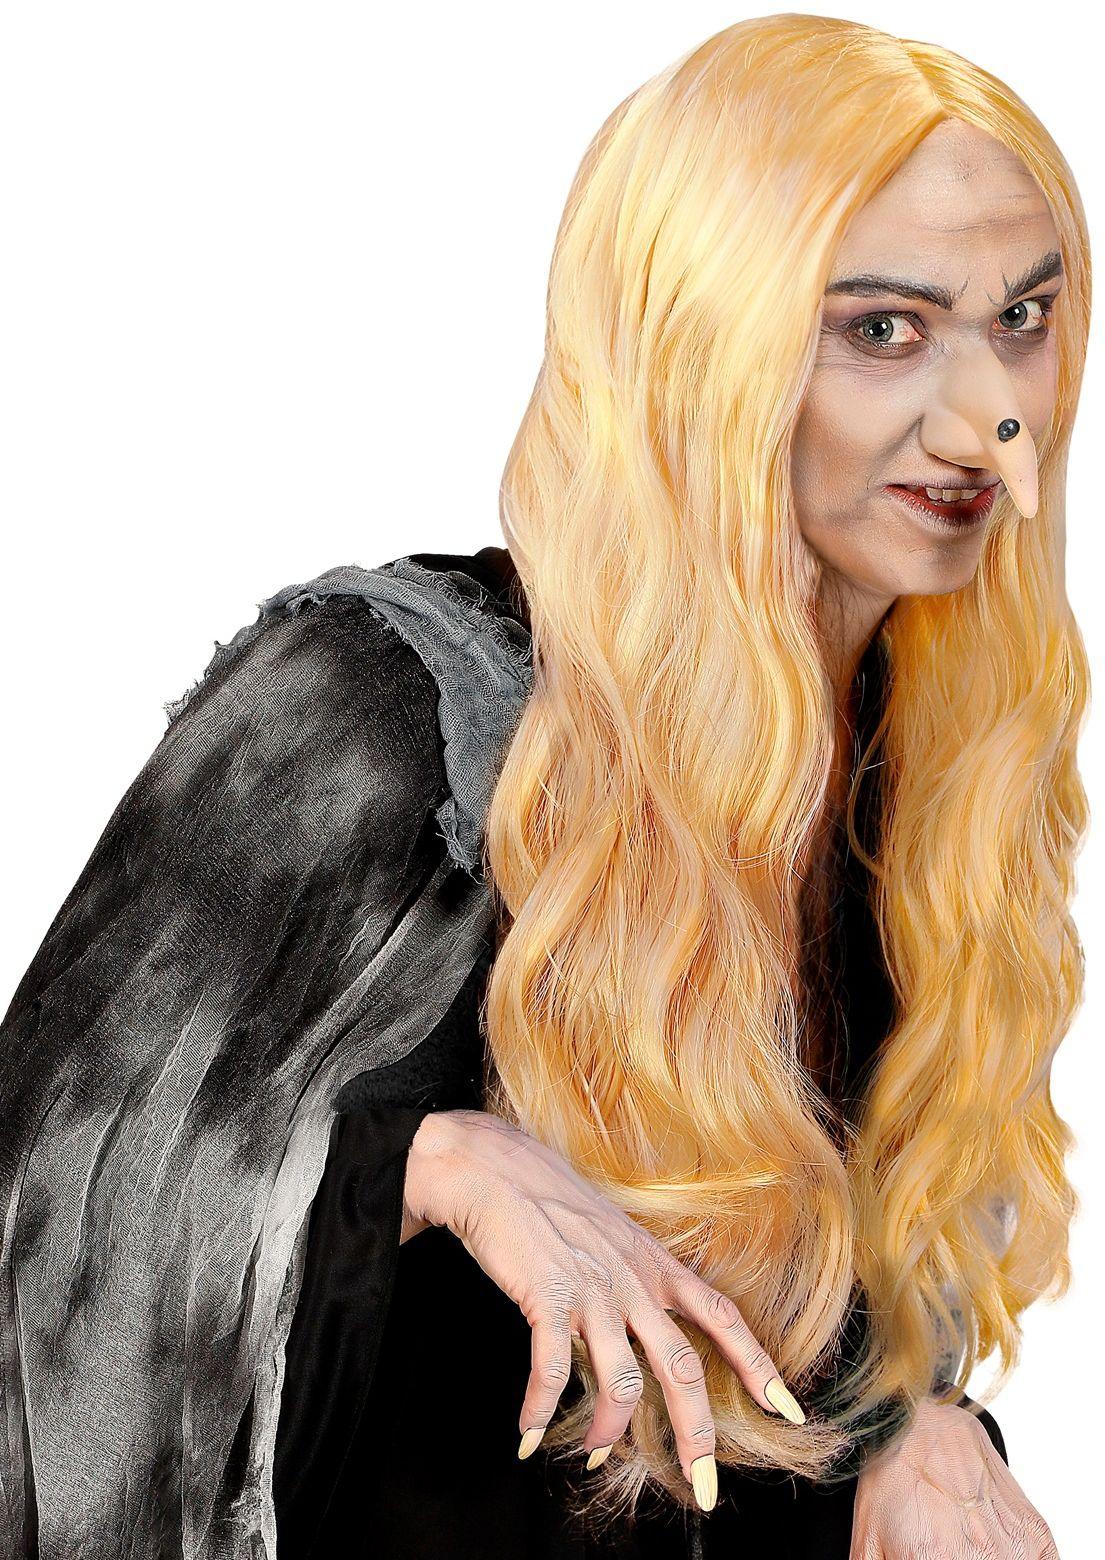 Heksen pruik blond